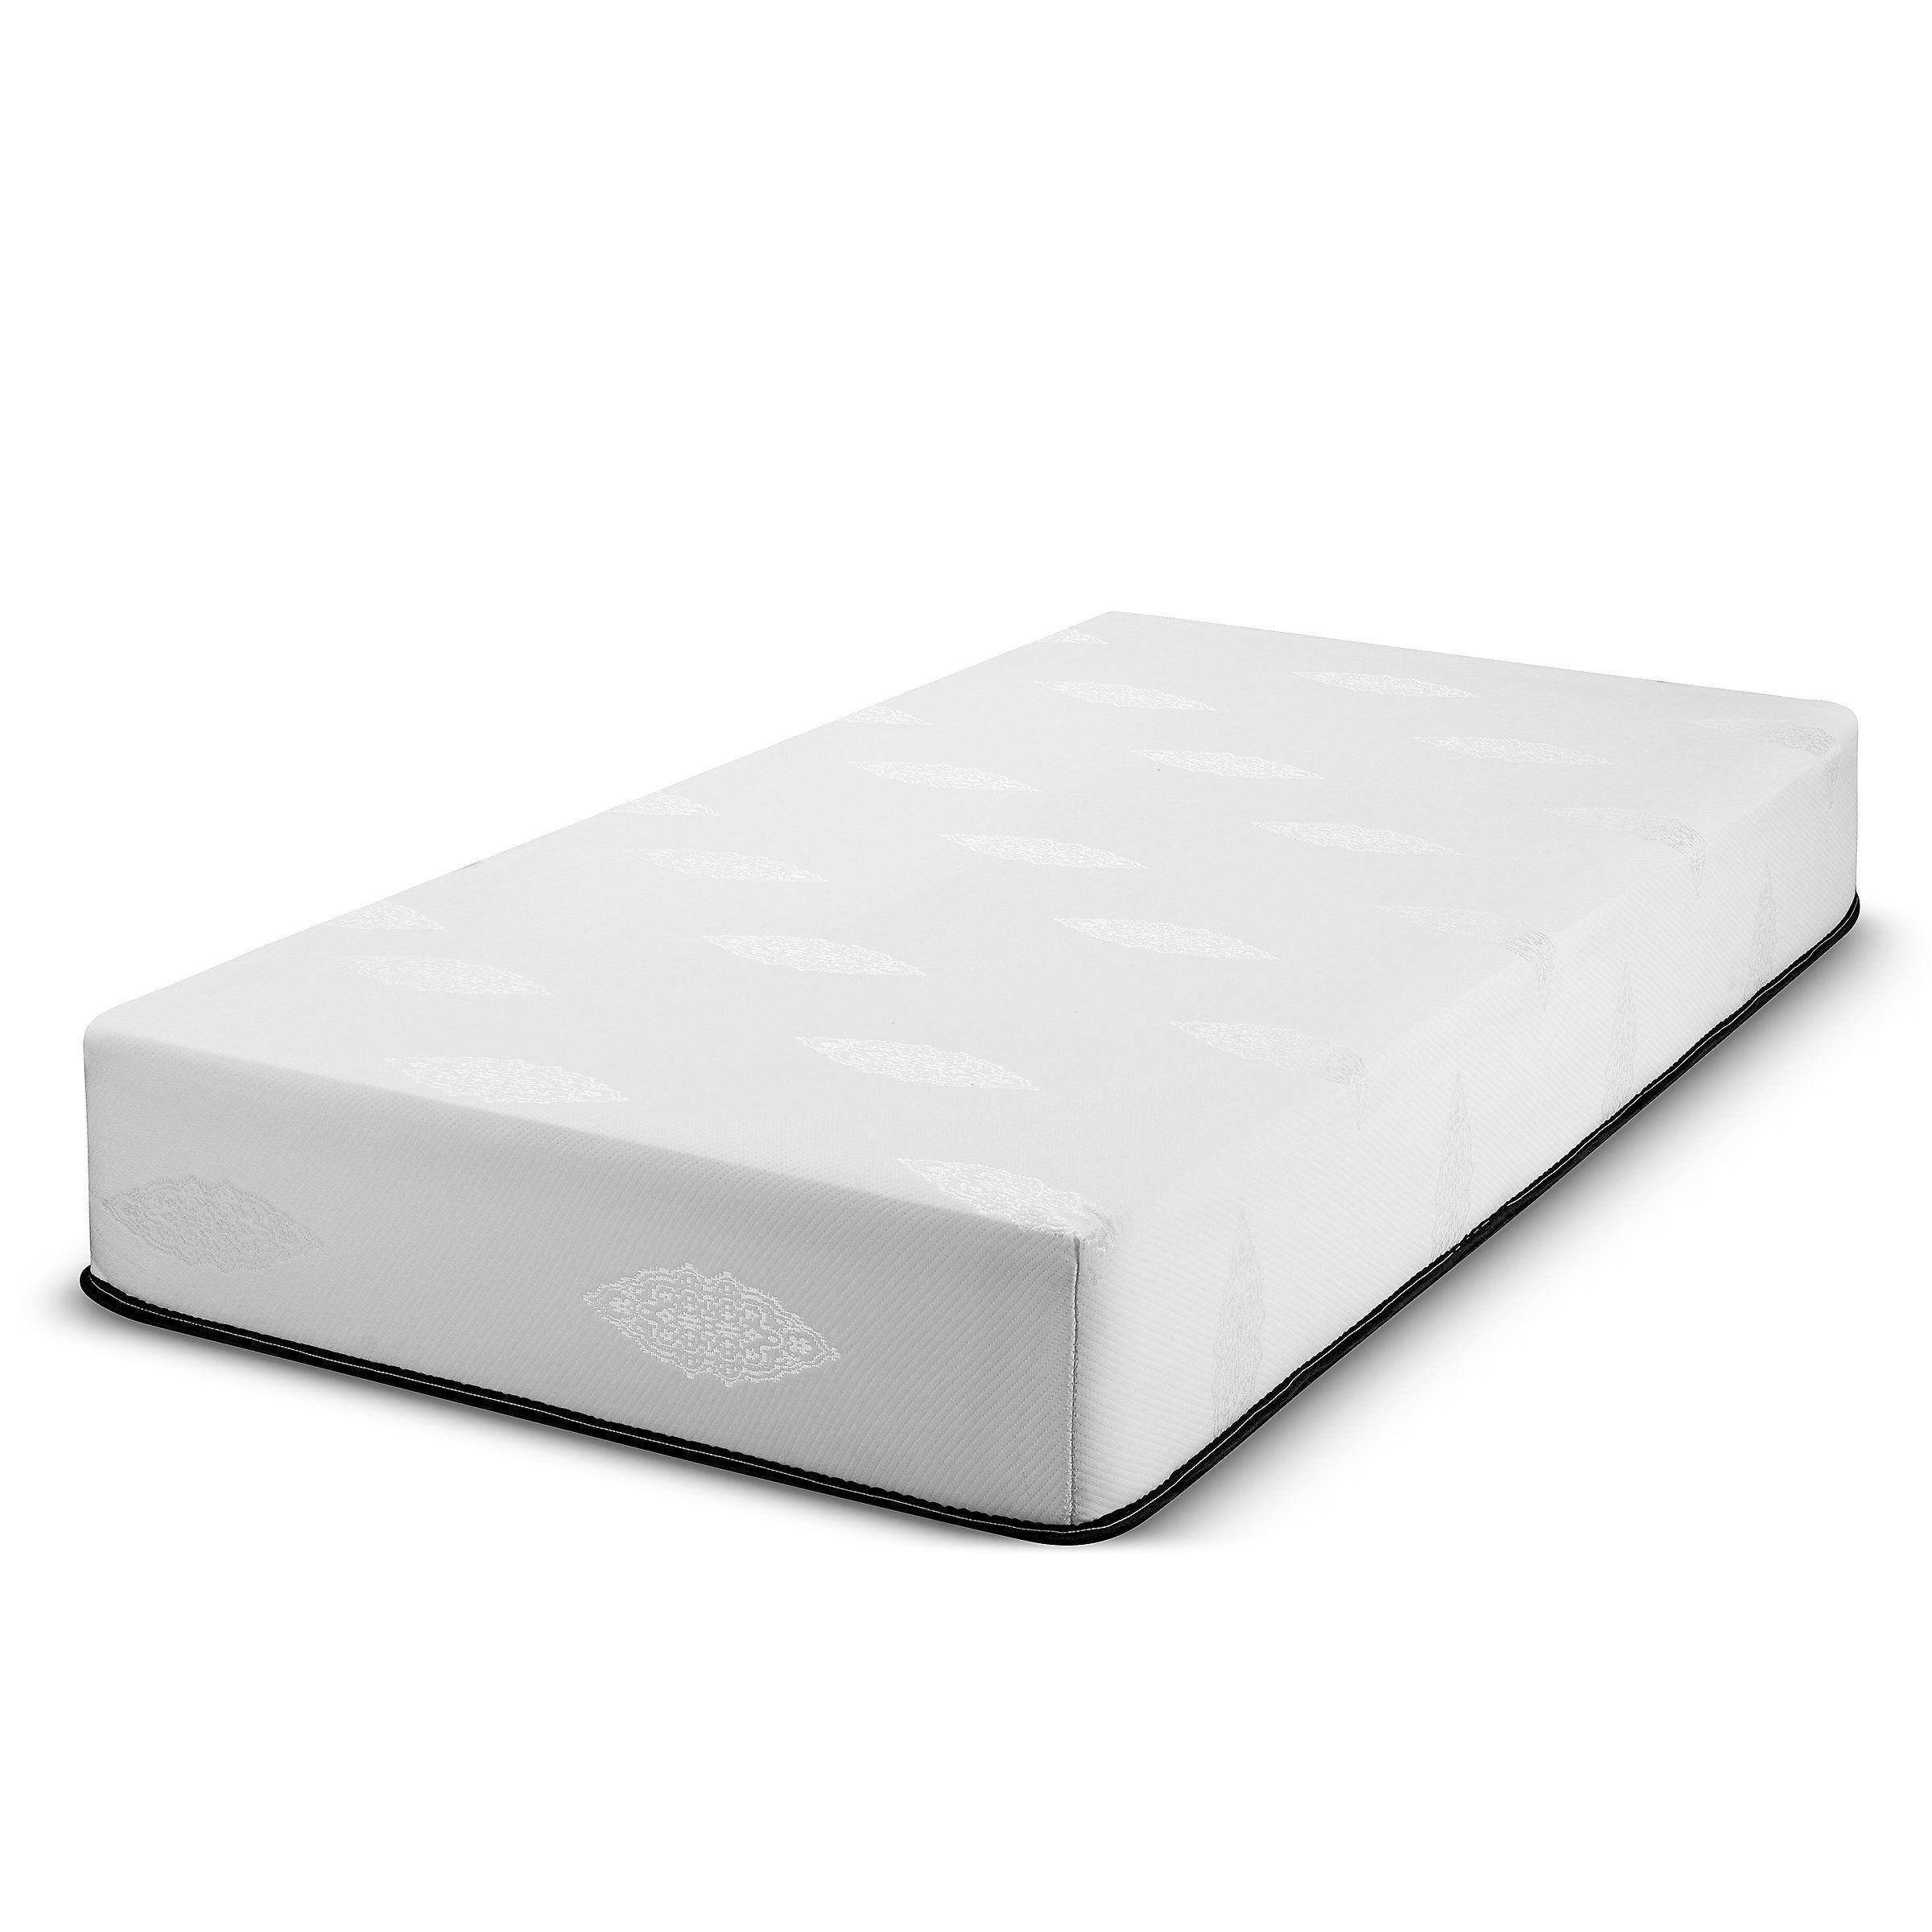 Fortnight Bedding 10 inch Twin Memory Gel Infused Foam